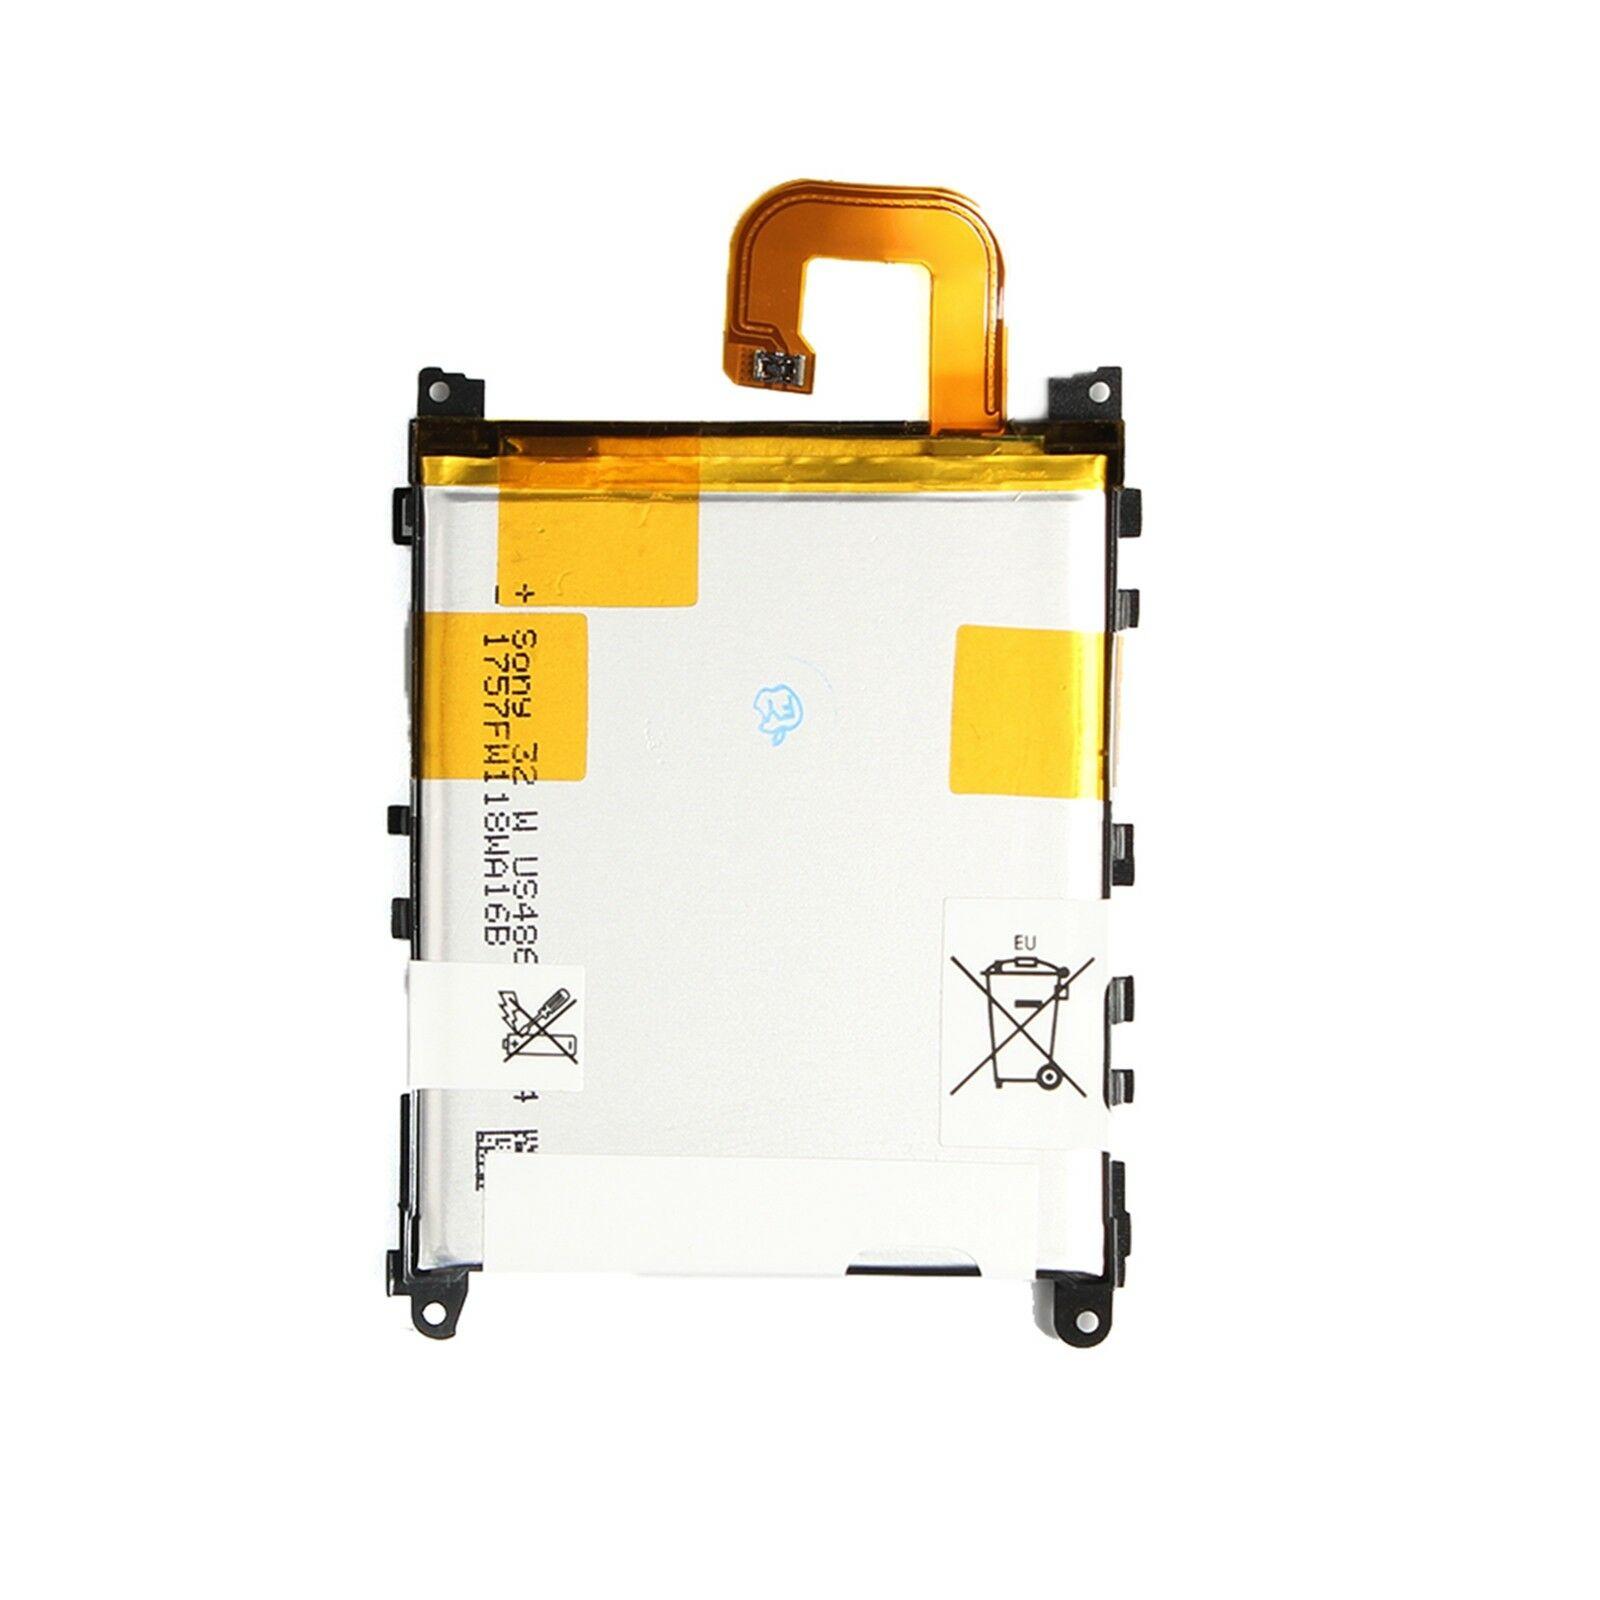 باتری-گوشی-موبایل-سونی-اکسپریا-زد-وان-هونامی-Sony-Xperia-Z1-Honami-C6903-3000mAh-LIS1525ERPC...jpg